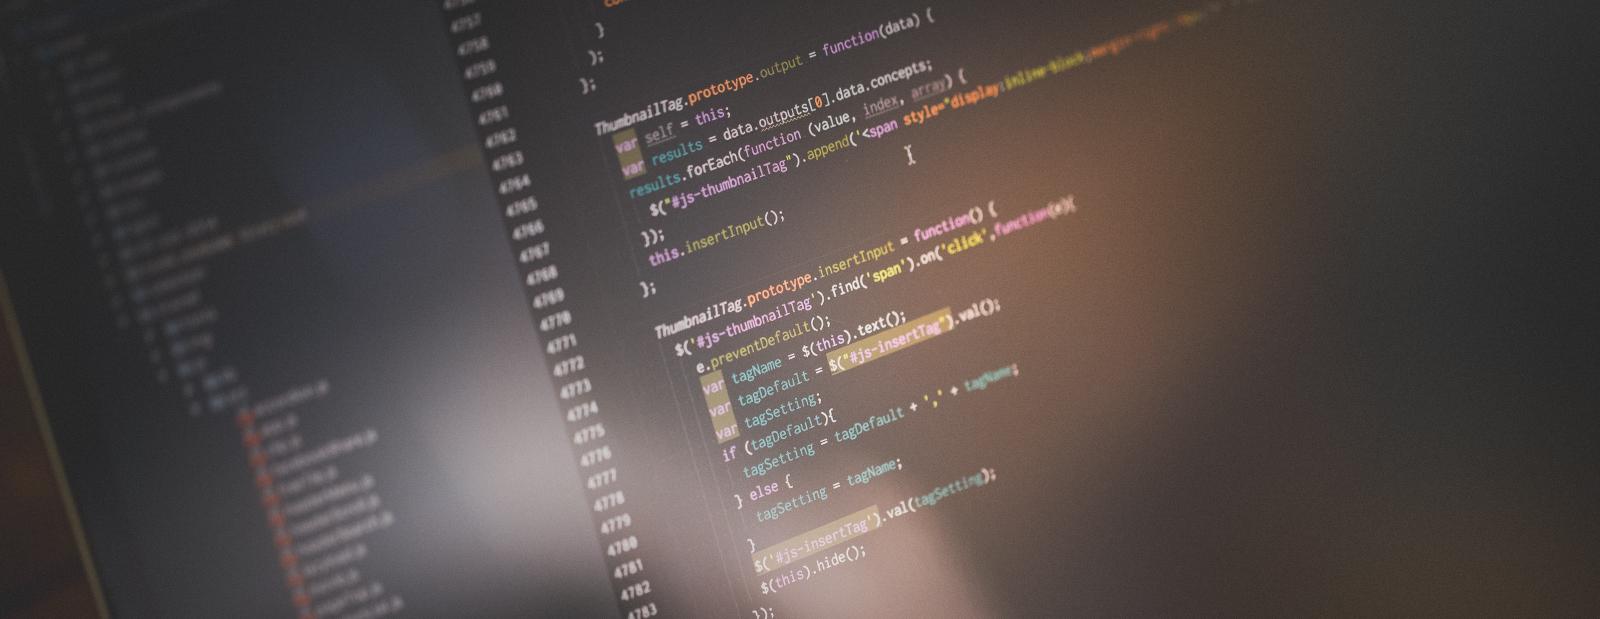 ウェブサイト(ホームページ)制作 システム開発